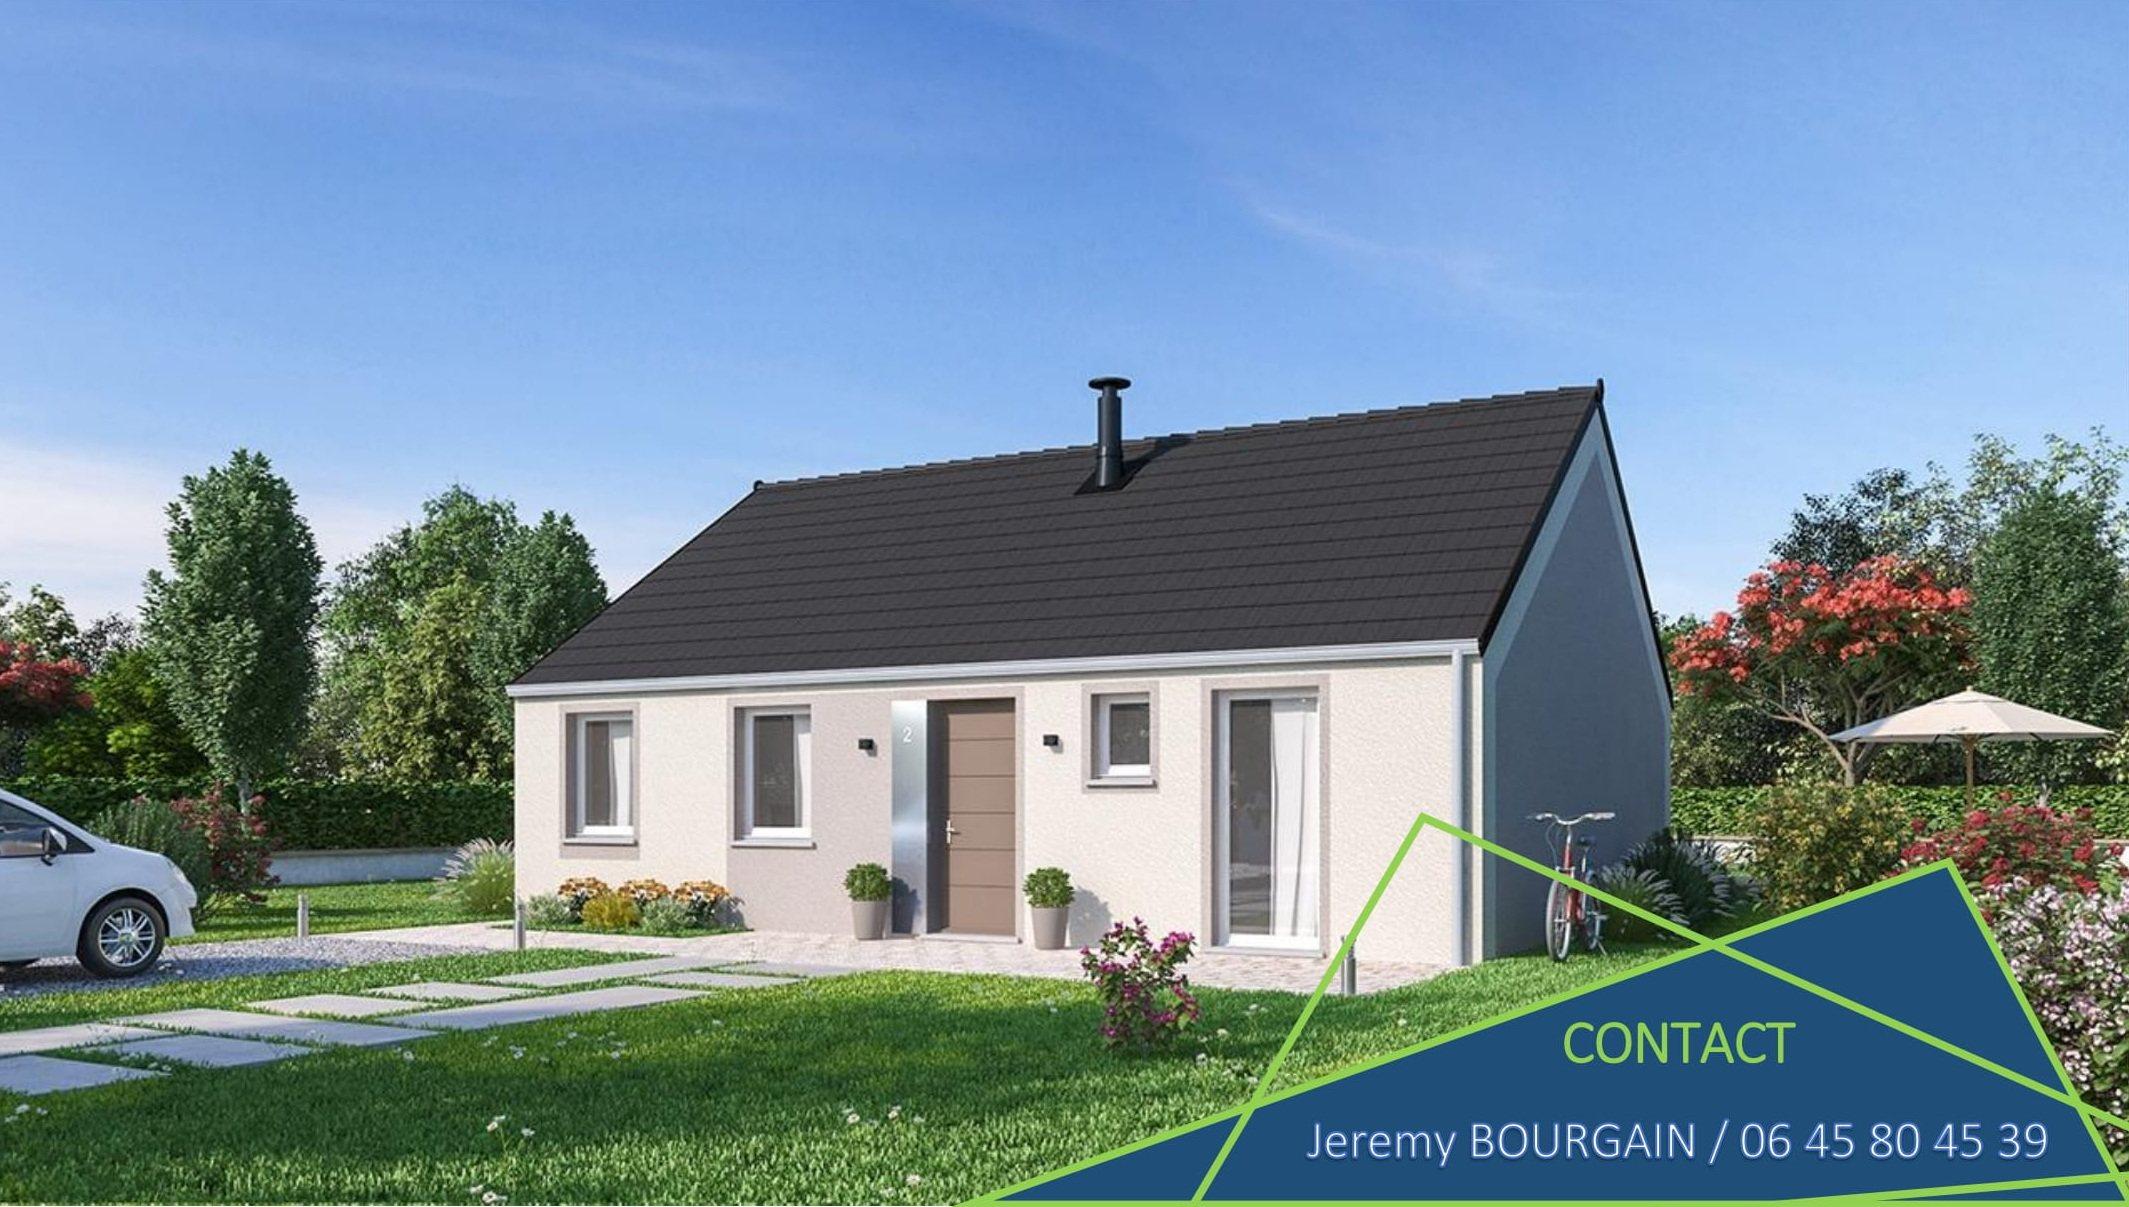 Maisons + Terrains du constructeur MAISONS PHENIX LEZENNES • 84 m² • BEUVRY LA FORET